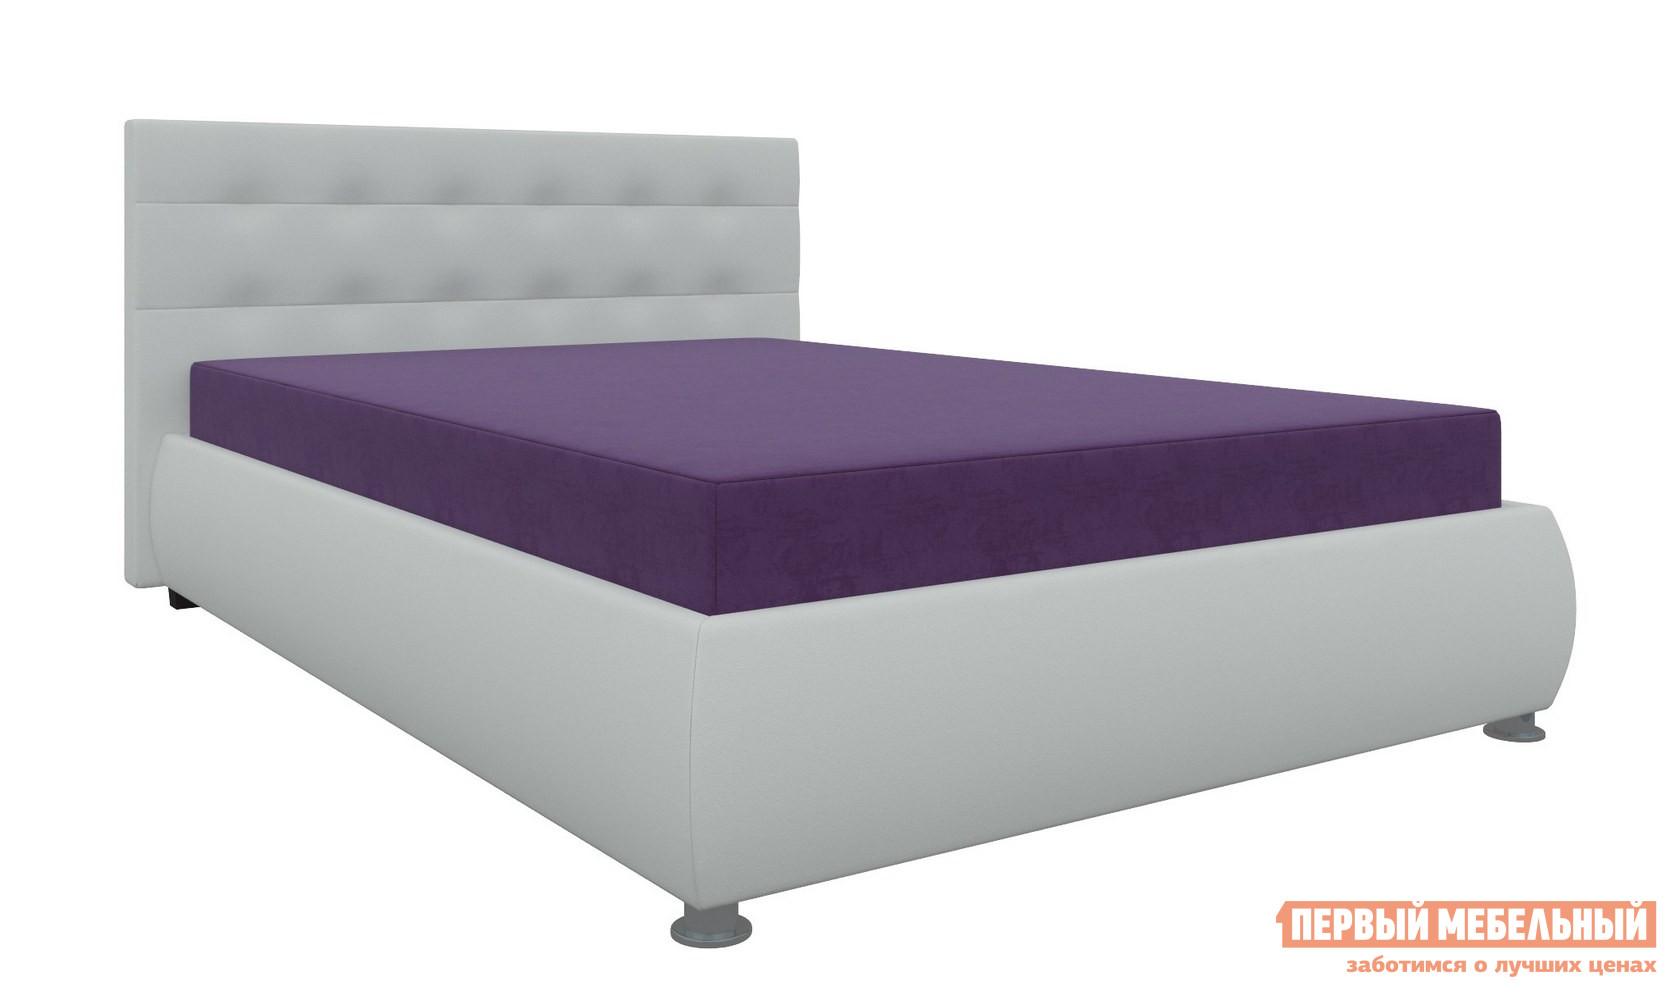 Полутороспальная кровать с матрасом Мебелико Кровать Рио